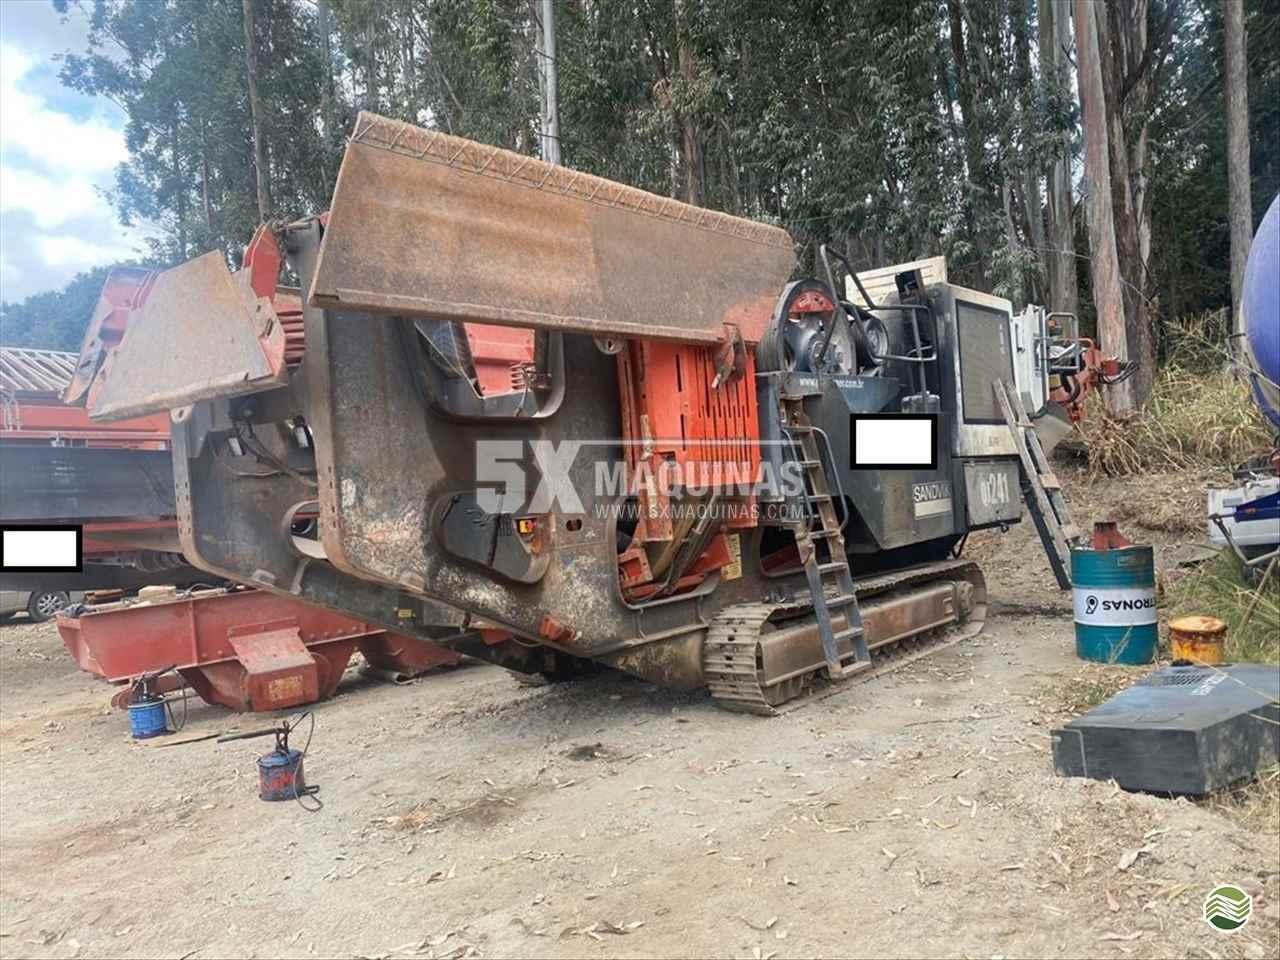 EQUIPAMENTOS CONSTRUÇÃO BRITADOR MÓVEL 5X Máquinas  CAMPO GRANDE MATO GROSSO DO SUL MS